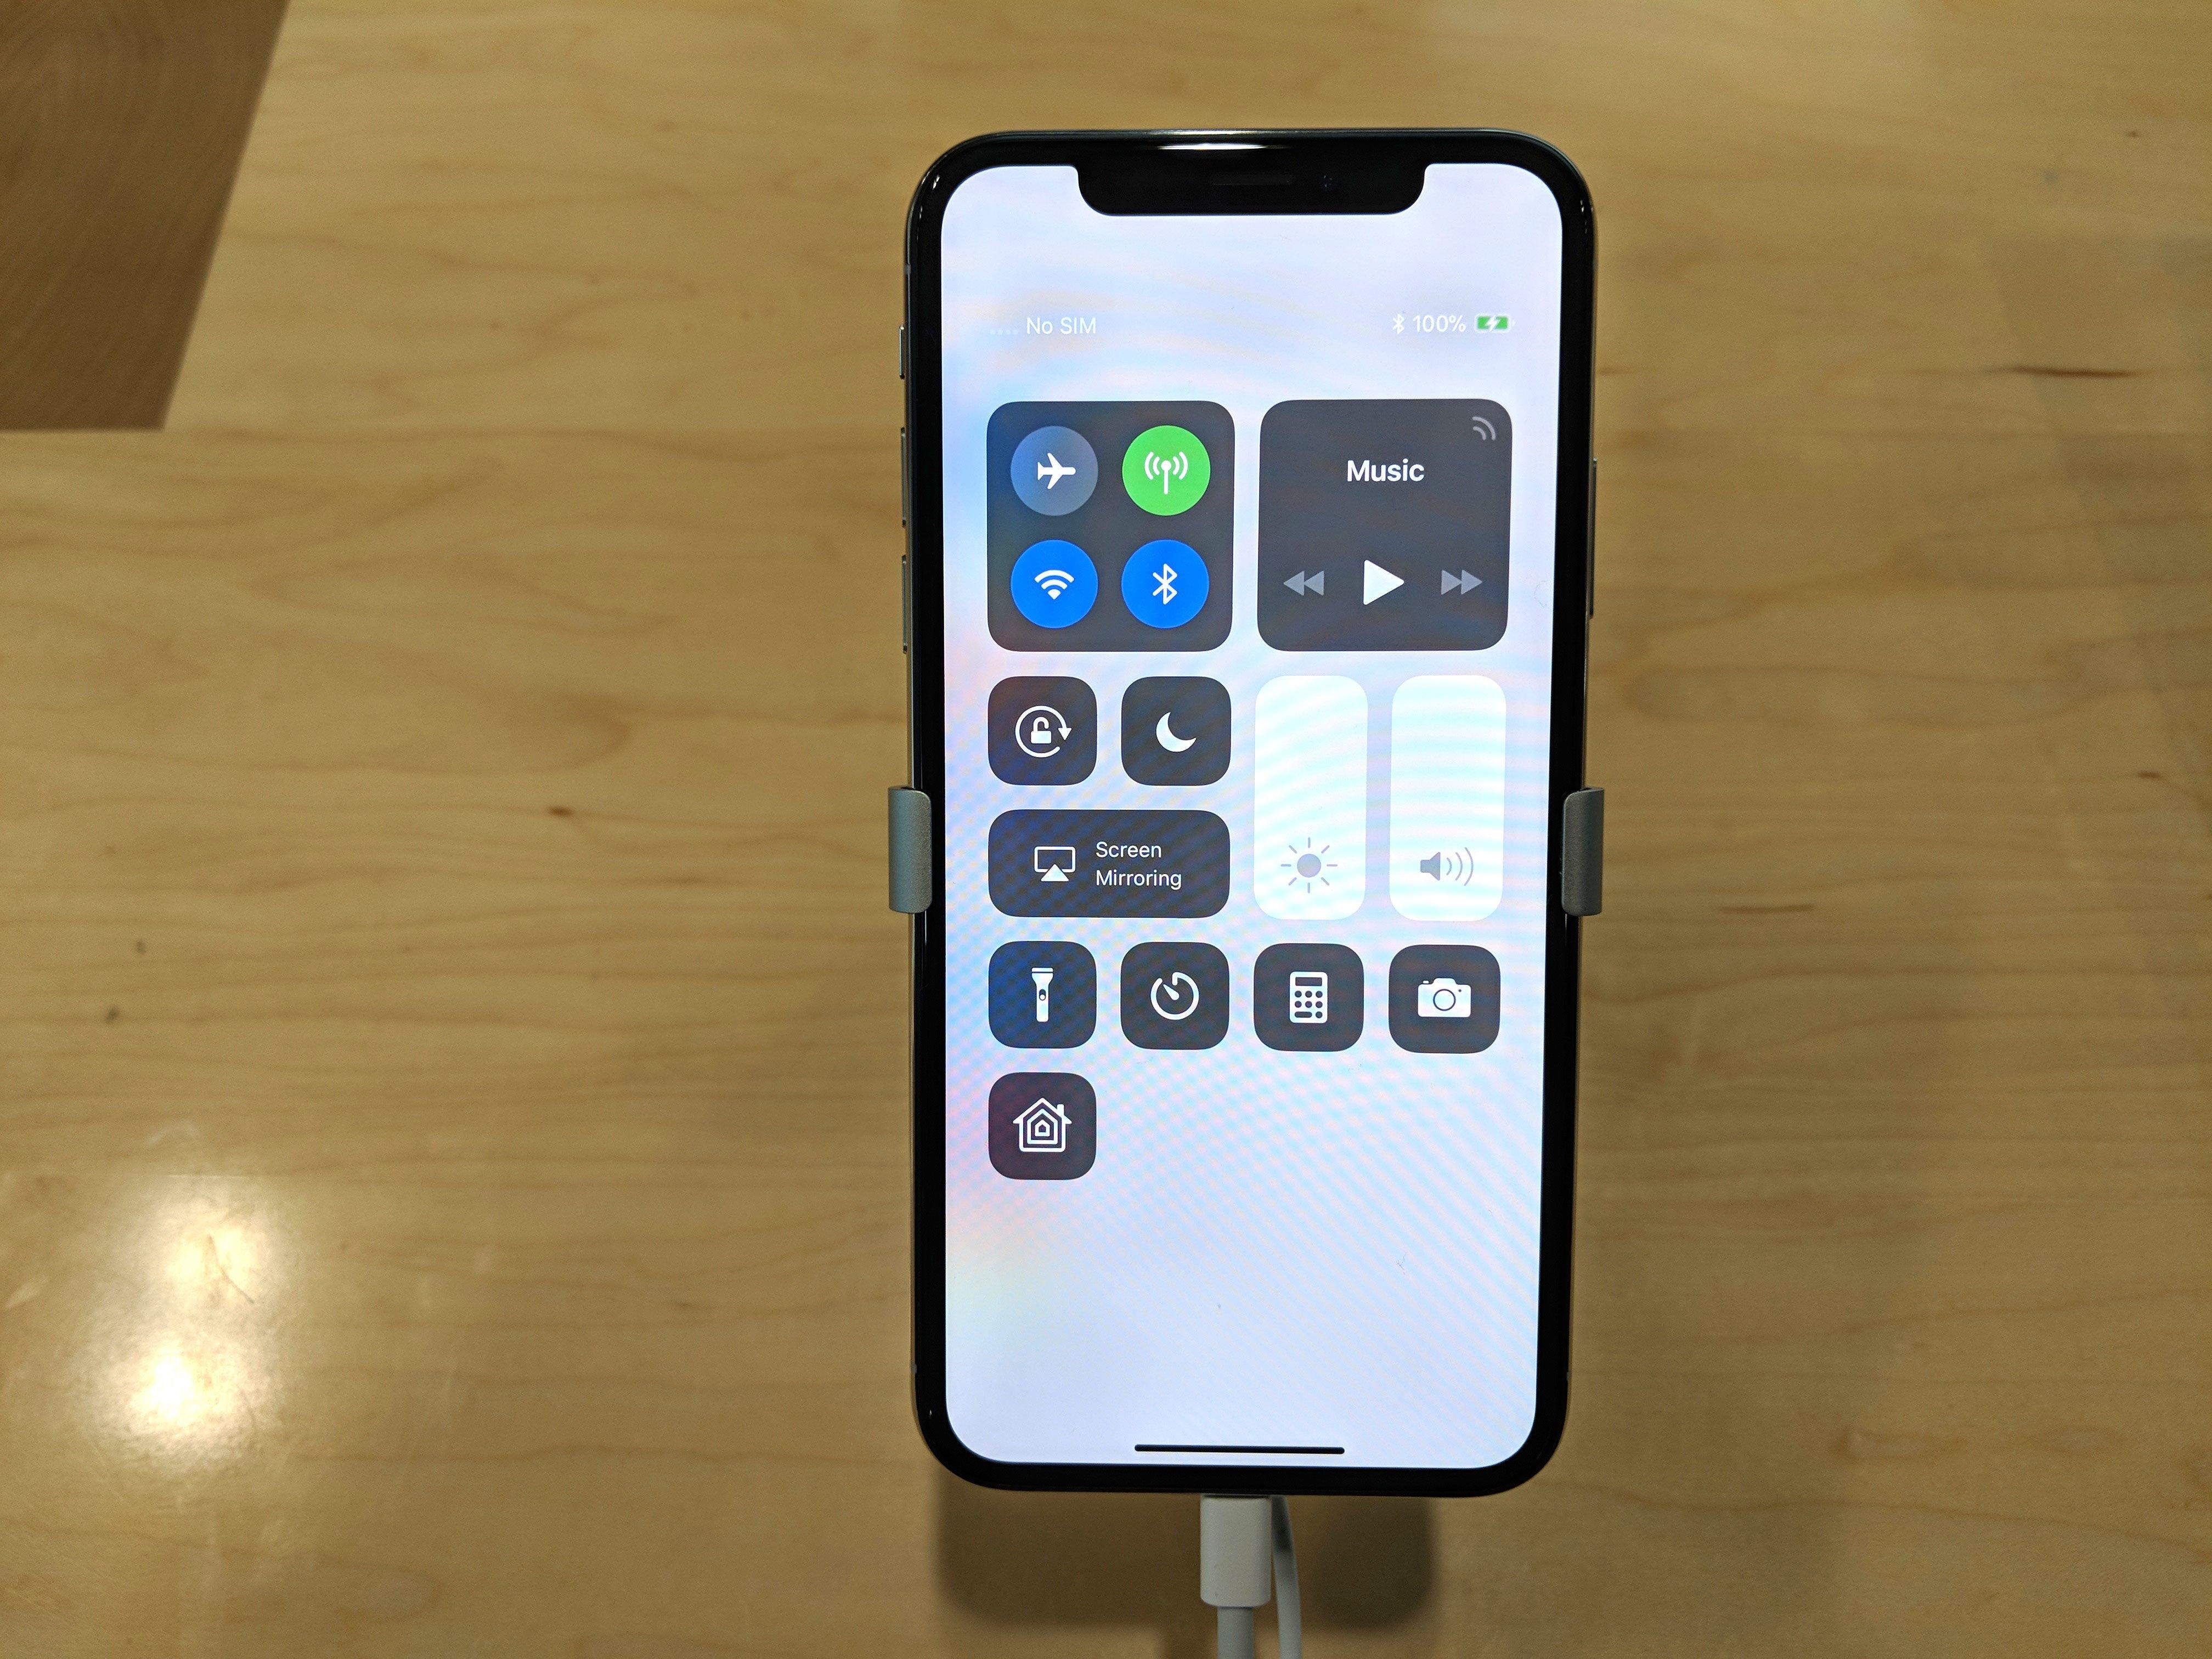 Cómo usar el iPhone 11/11 Pro: muestra la batería como un porcentaje